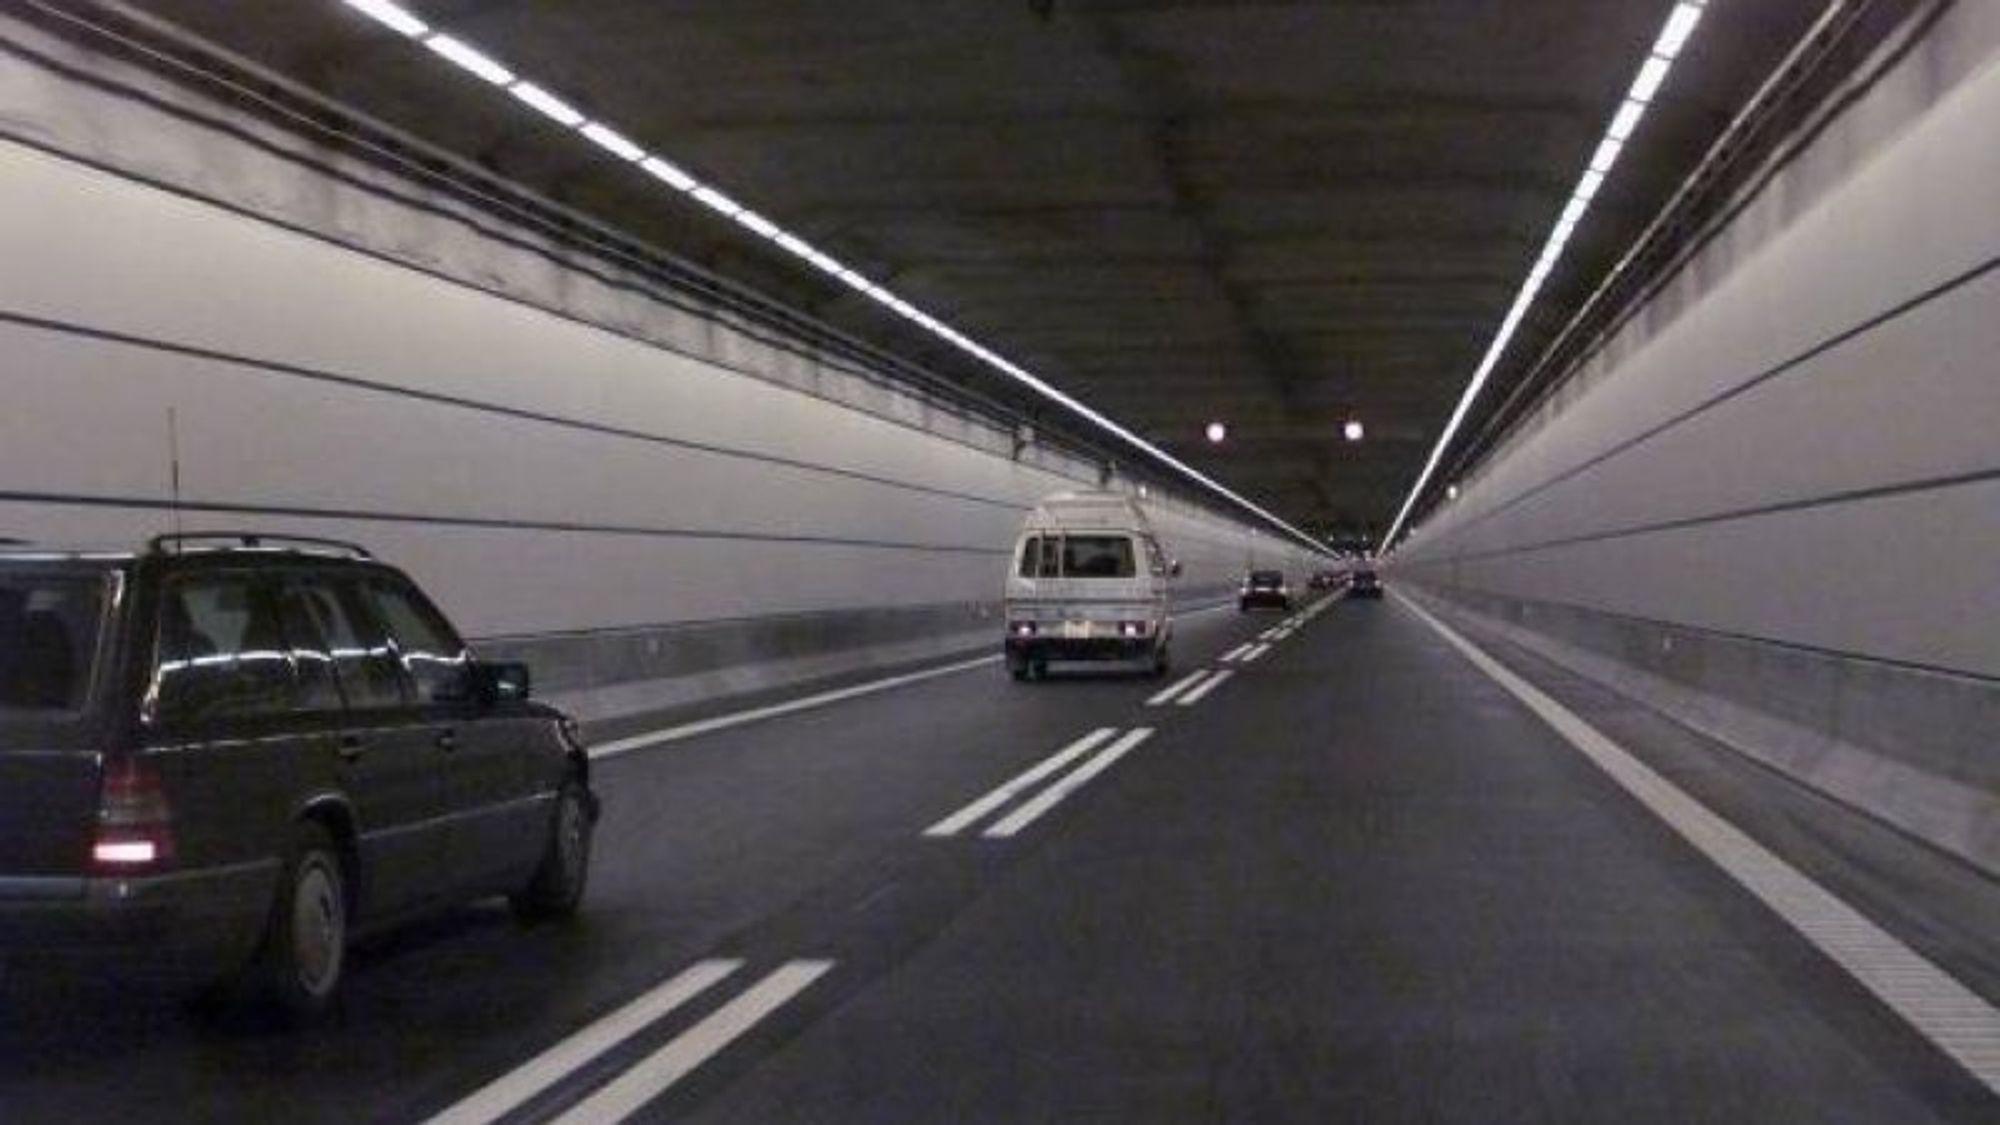 En toetasjers tunnel kan bli løsningen for ny ringvei under København.